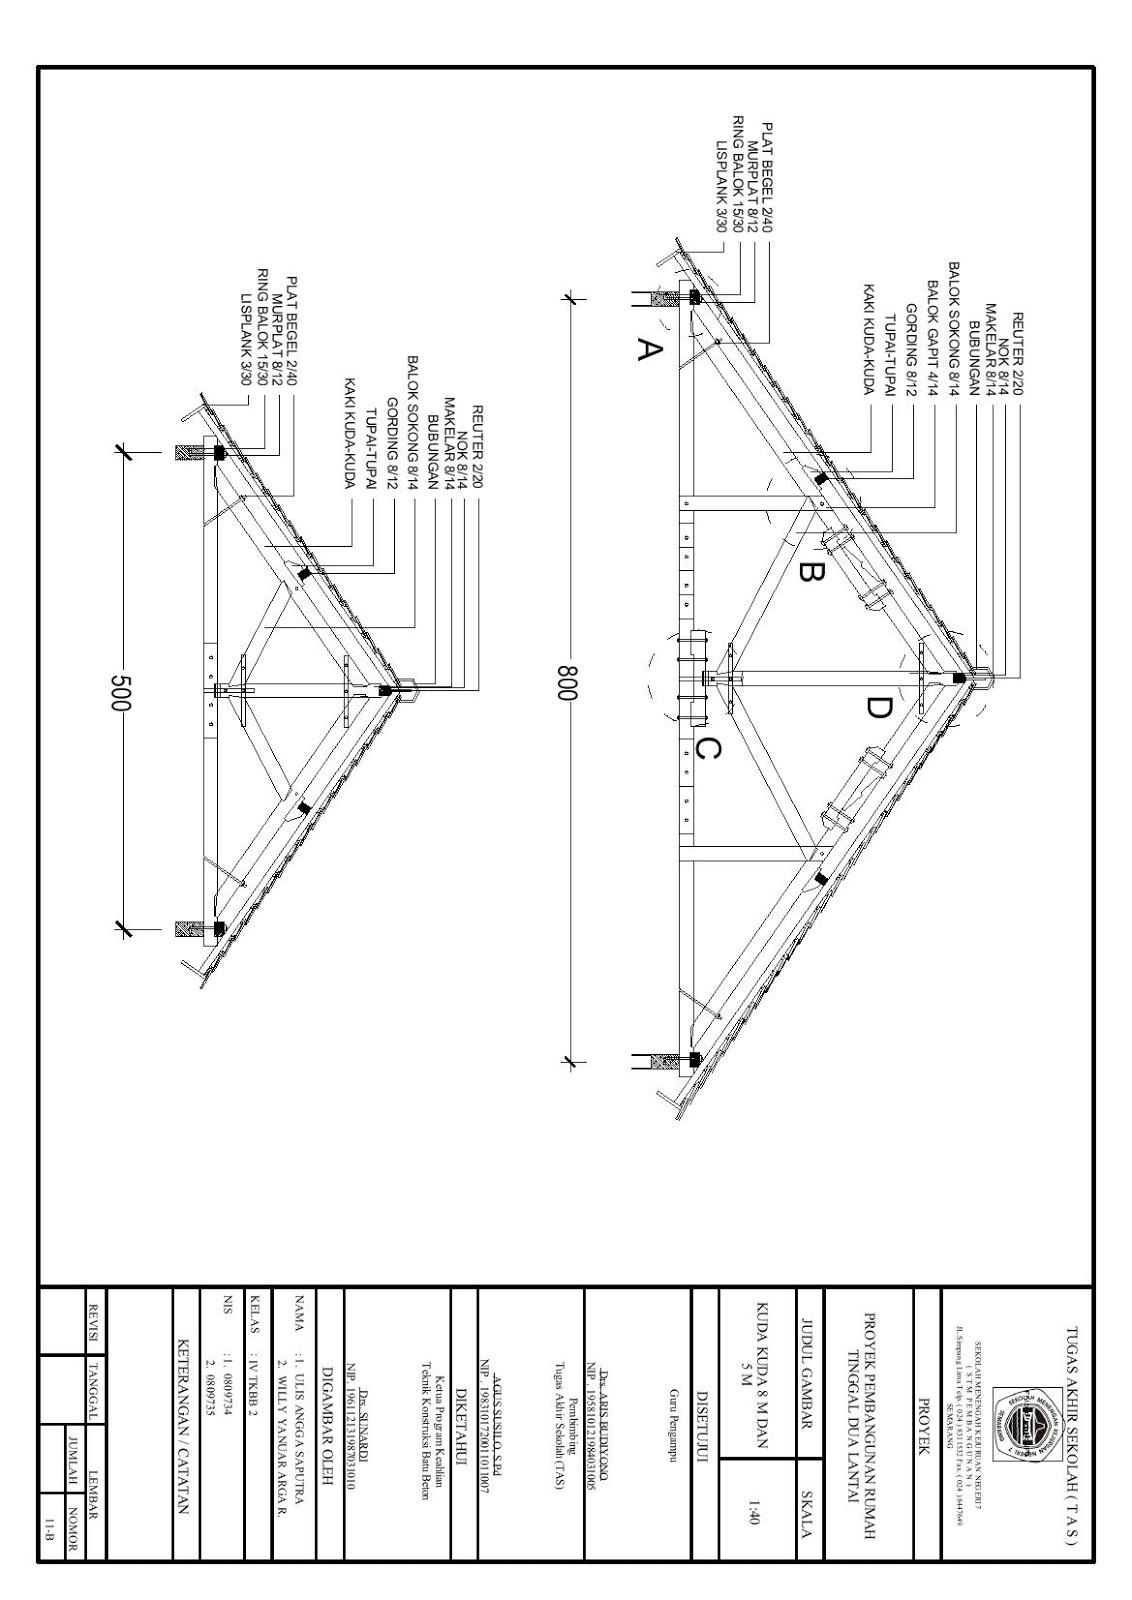 gambar rencana atap anggaputra